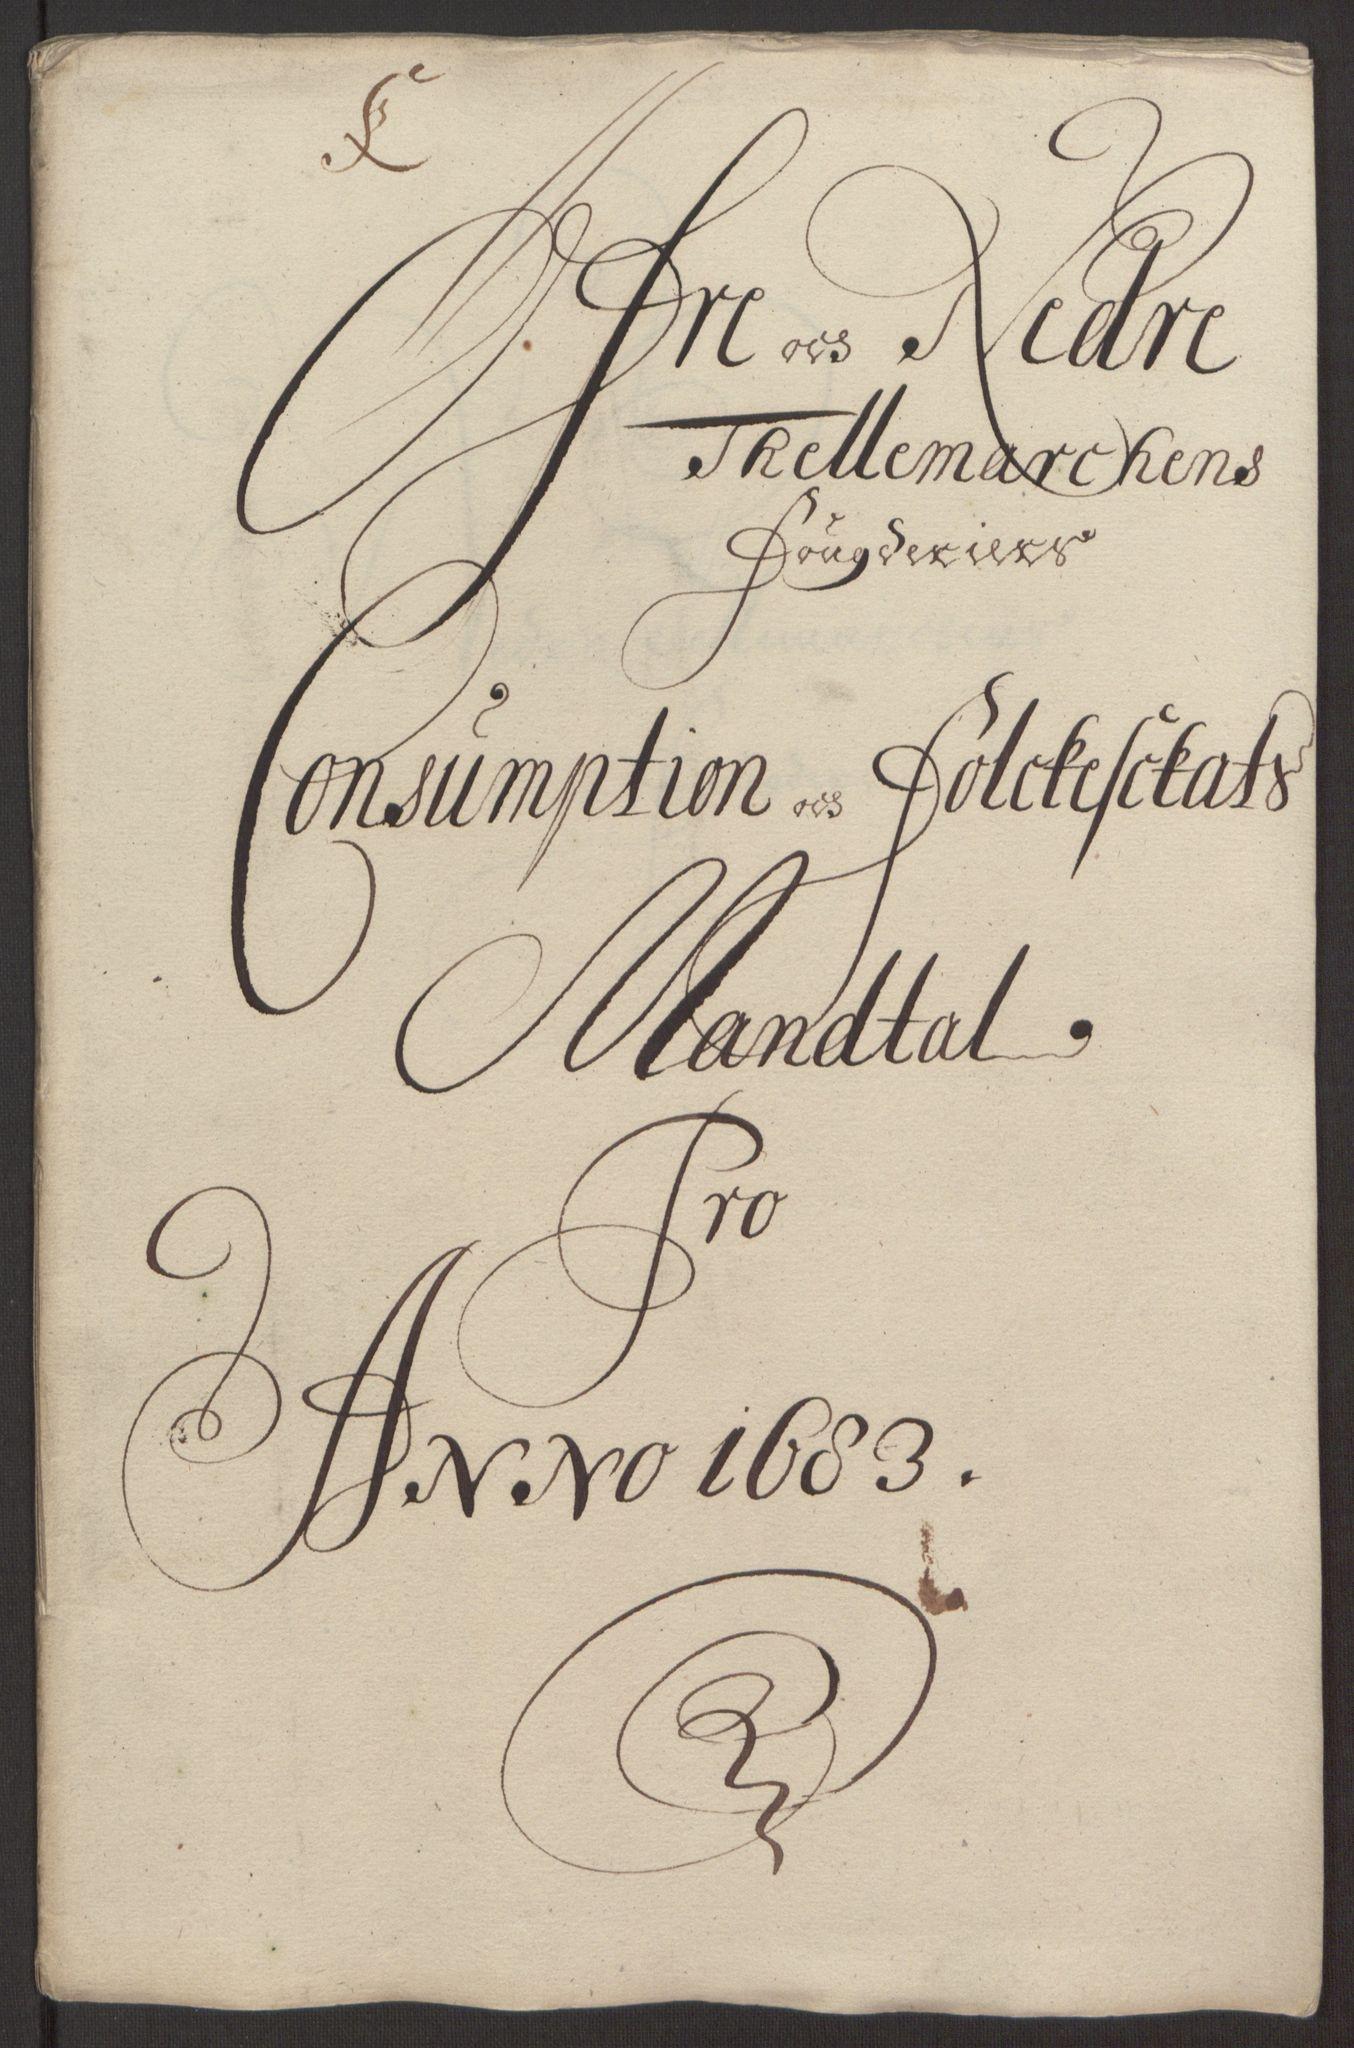 RA, Rentekammeret inntil 1814, Reviderte regnskaper, Fogderegnskap, R35/L2080: Fogderegnskap Øvre og Nedre Telemark, 1680-1684, s. 140